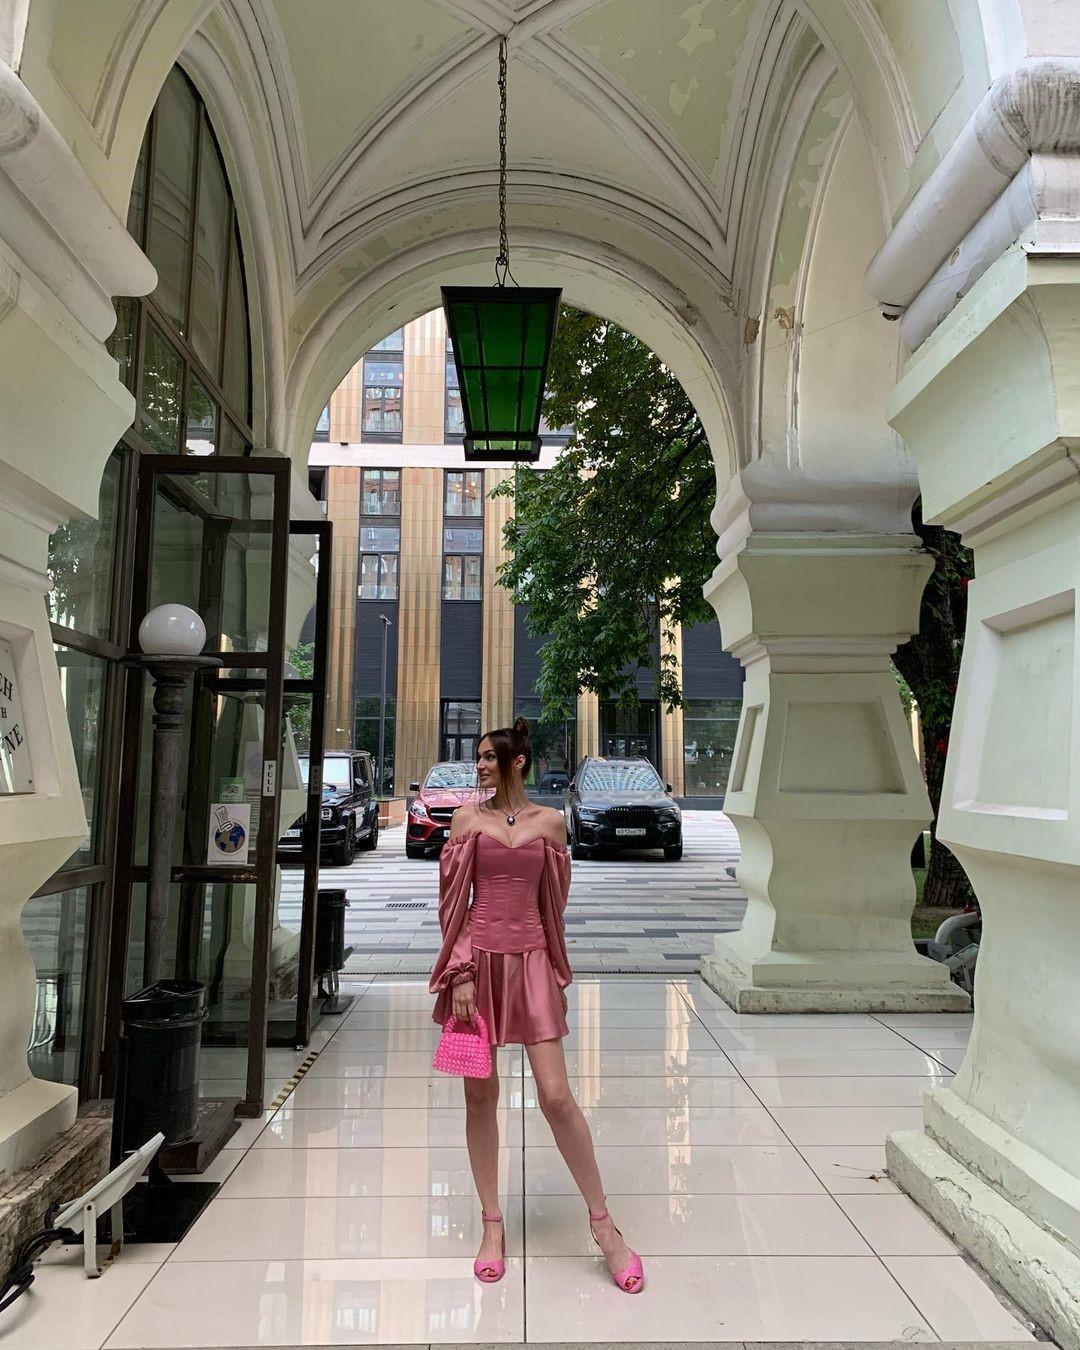 Почему платье Алёны Водонаевой назвали безвкусным и неподходящим для матери? Разбираемся вместе с психологом и стилистом